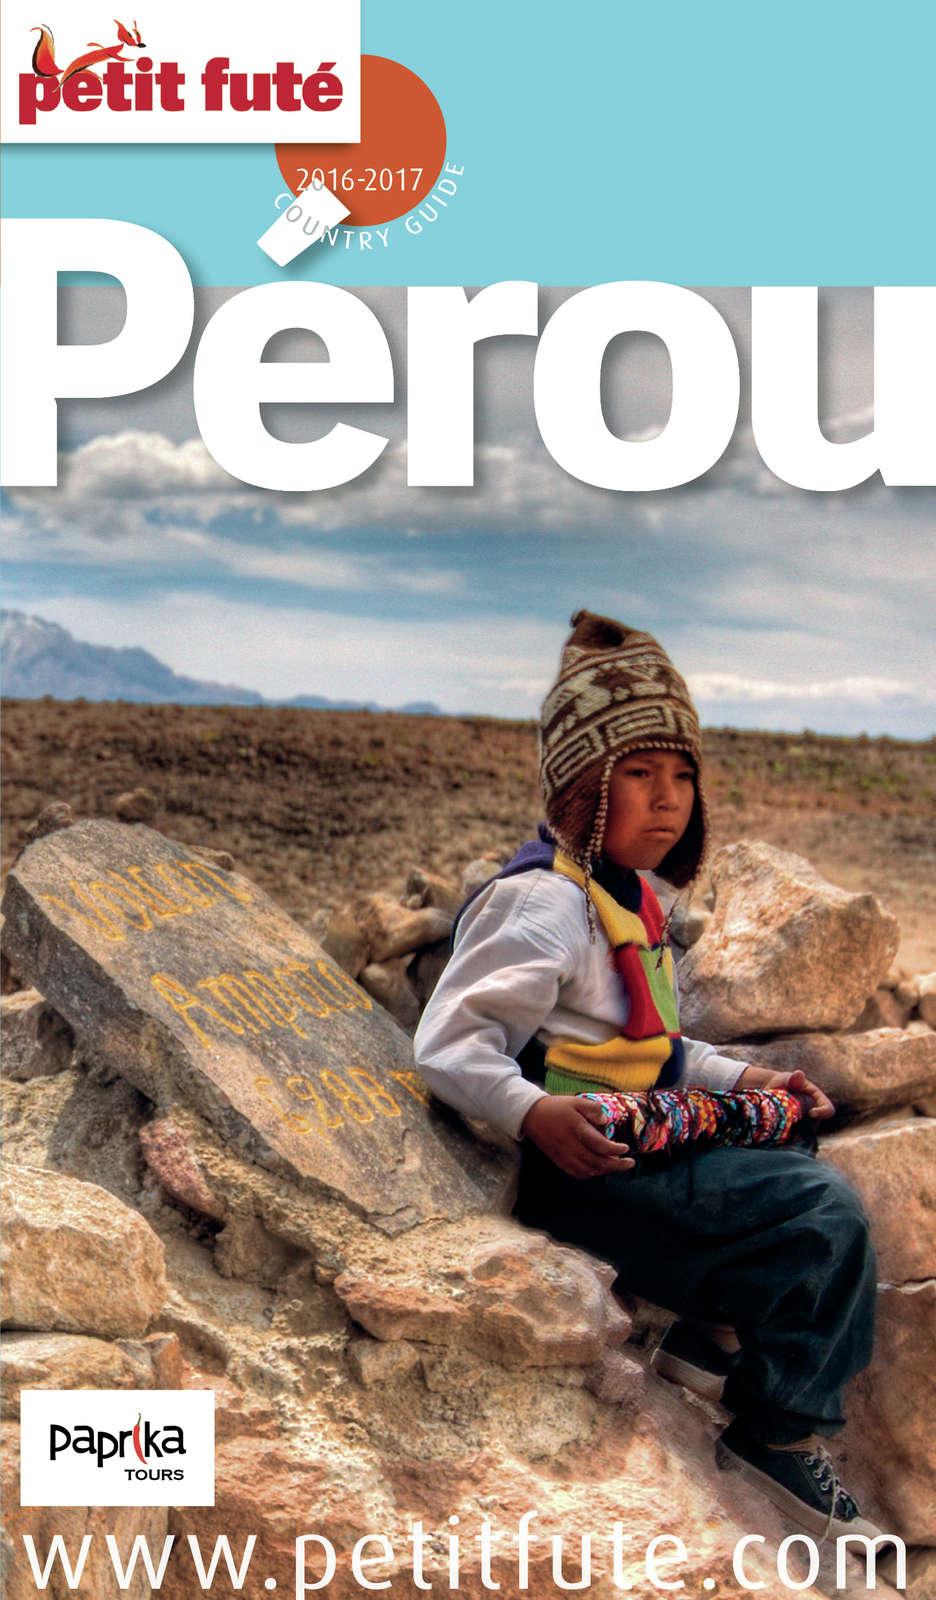 télécharger Petit Futé - Pérou 2016-2017